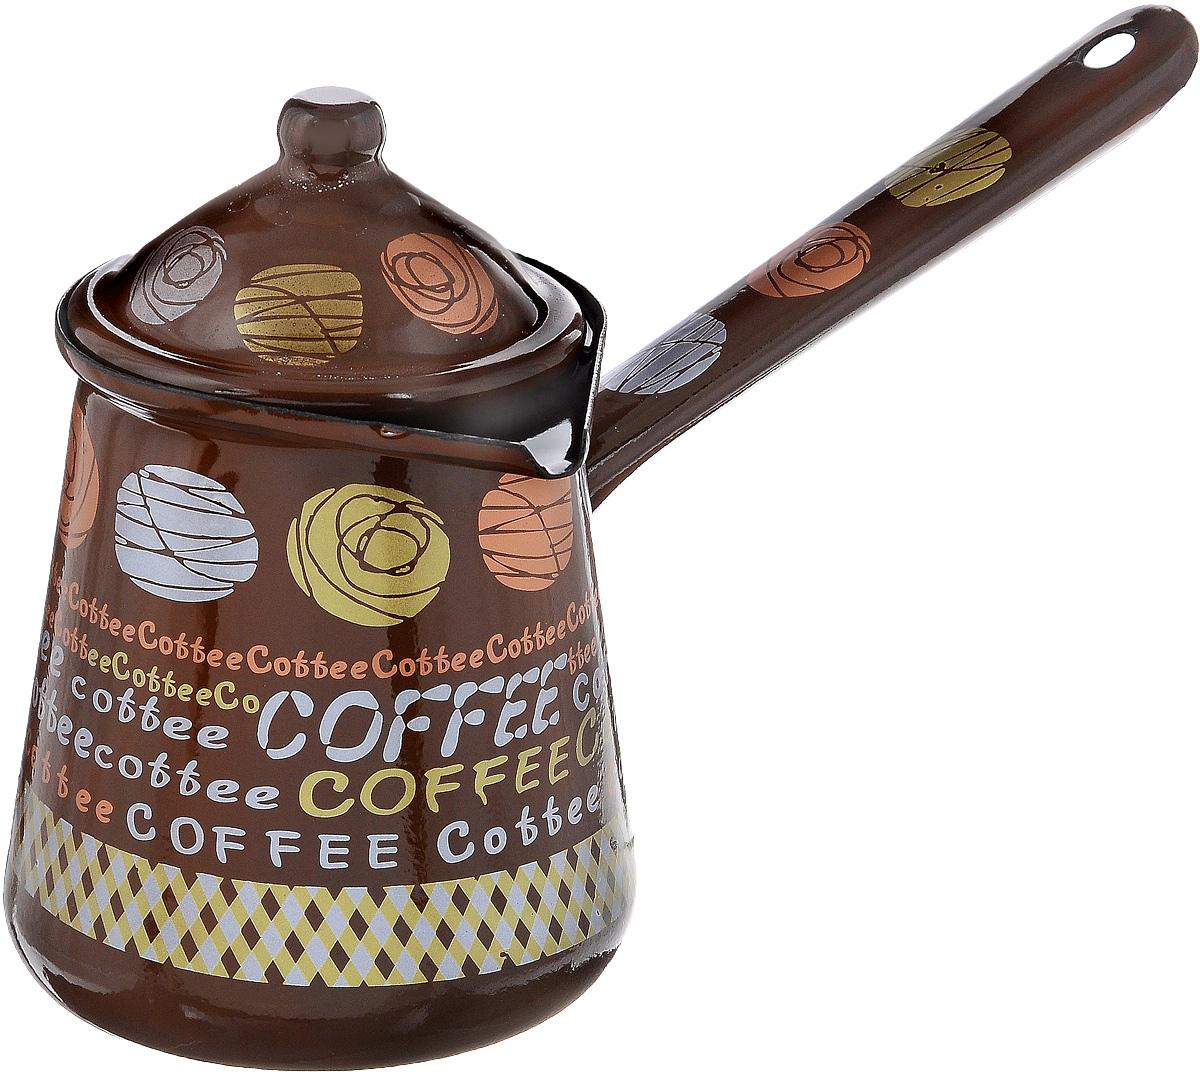 Турка Calve, с крышкой, цвет: коричневый, 700 млCL-7001_коричневыйТурка Calve, изготовленная из высококачественной стали, предназначена для приготовления кофе. Внешние стенки турки оформлены изящным рисунком с изображением надписей Coffe. Изделие имеет широкое горлышко,специальный носик и крышку. Рукоятка снабжена специальным отверстием, благодаря которому изделие можно подвесить на крючок. Кофе в турке варится очень просто. Насыпьте молотый кофе, залейте водой и варите на слабом огне, не доводя до кипения. Чем дольше кофе варить, тем крепче он становится. Подходит для всех видов плит, включая индукционные. Диаметр турки (по верхнему краю): 9,5 см. Длина ручки: 14,5 см. Высота стенки: 12,5 см.